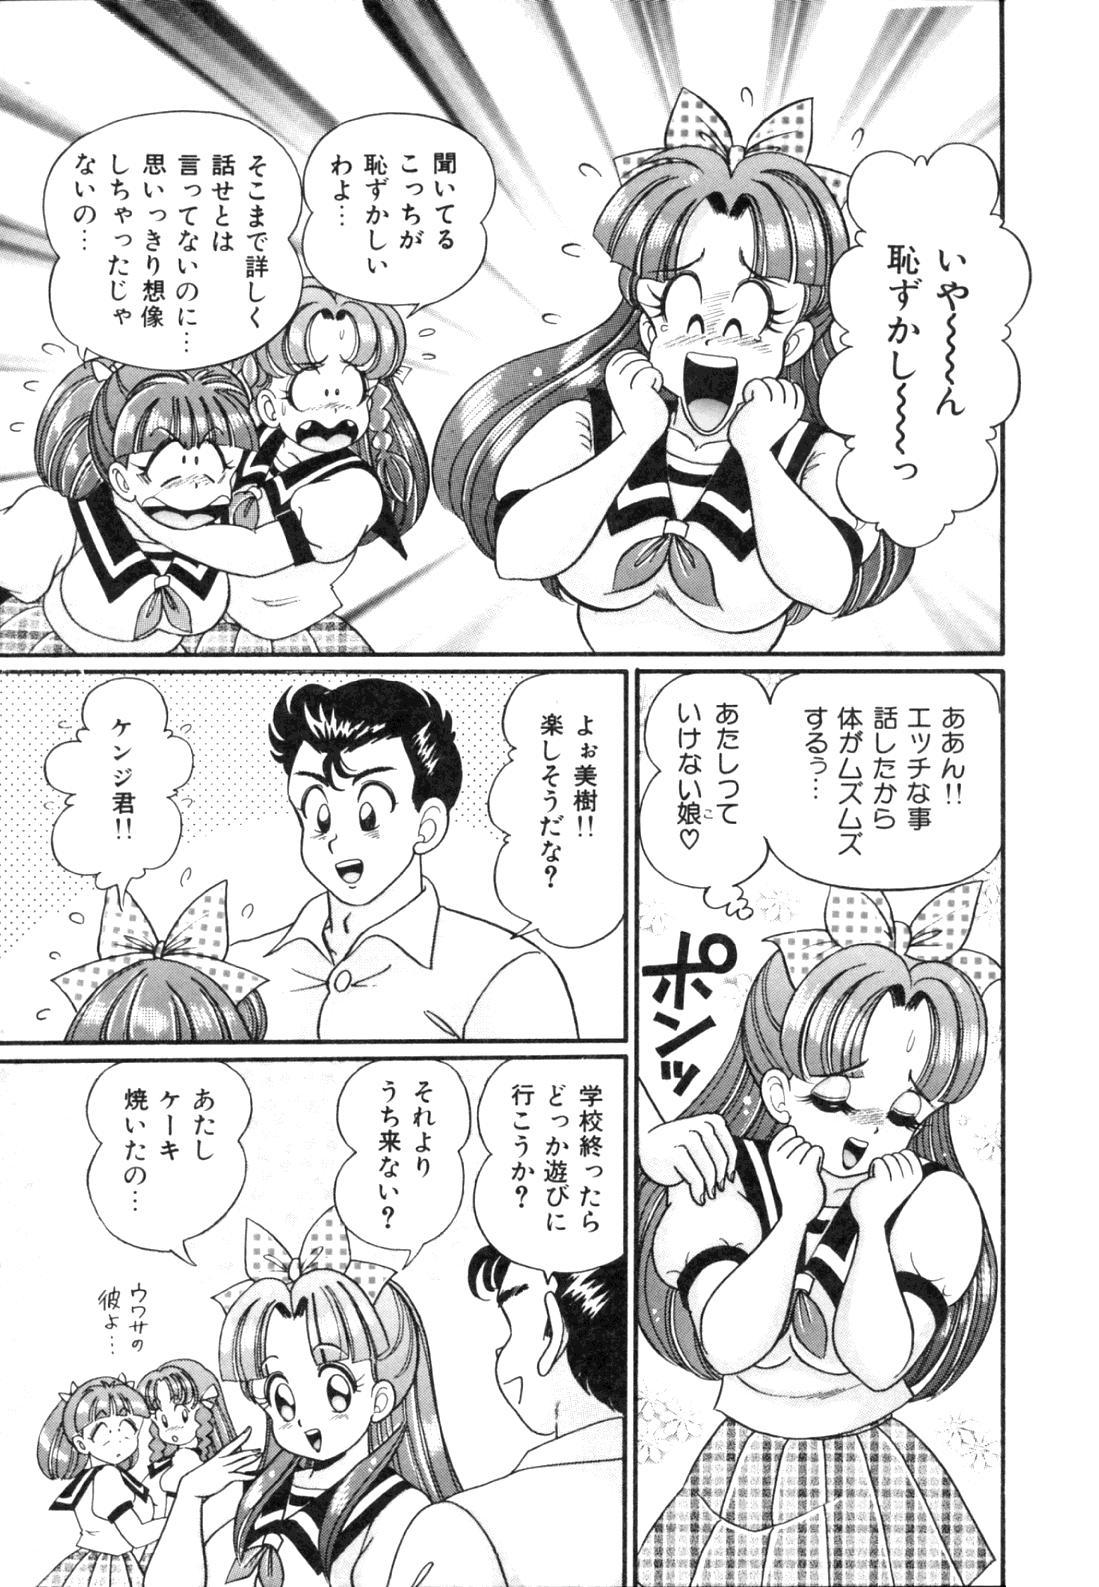 [Watanabe Wataru] Tonari no Onee-san - Sister of Neighborhood 66